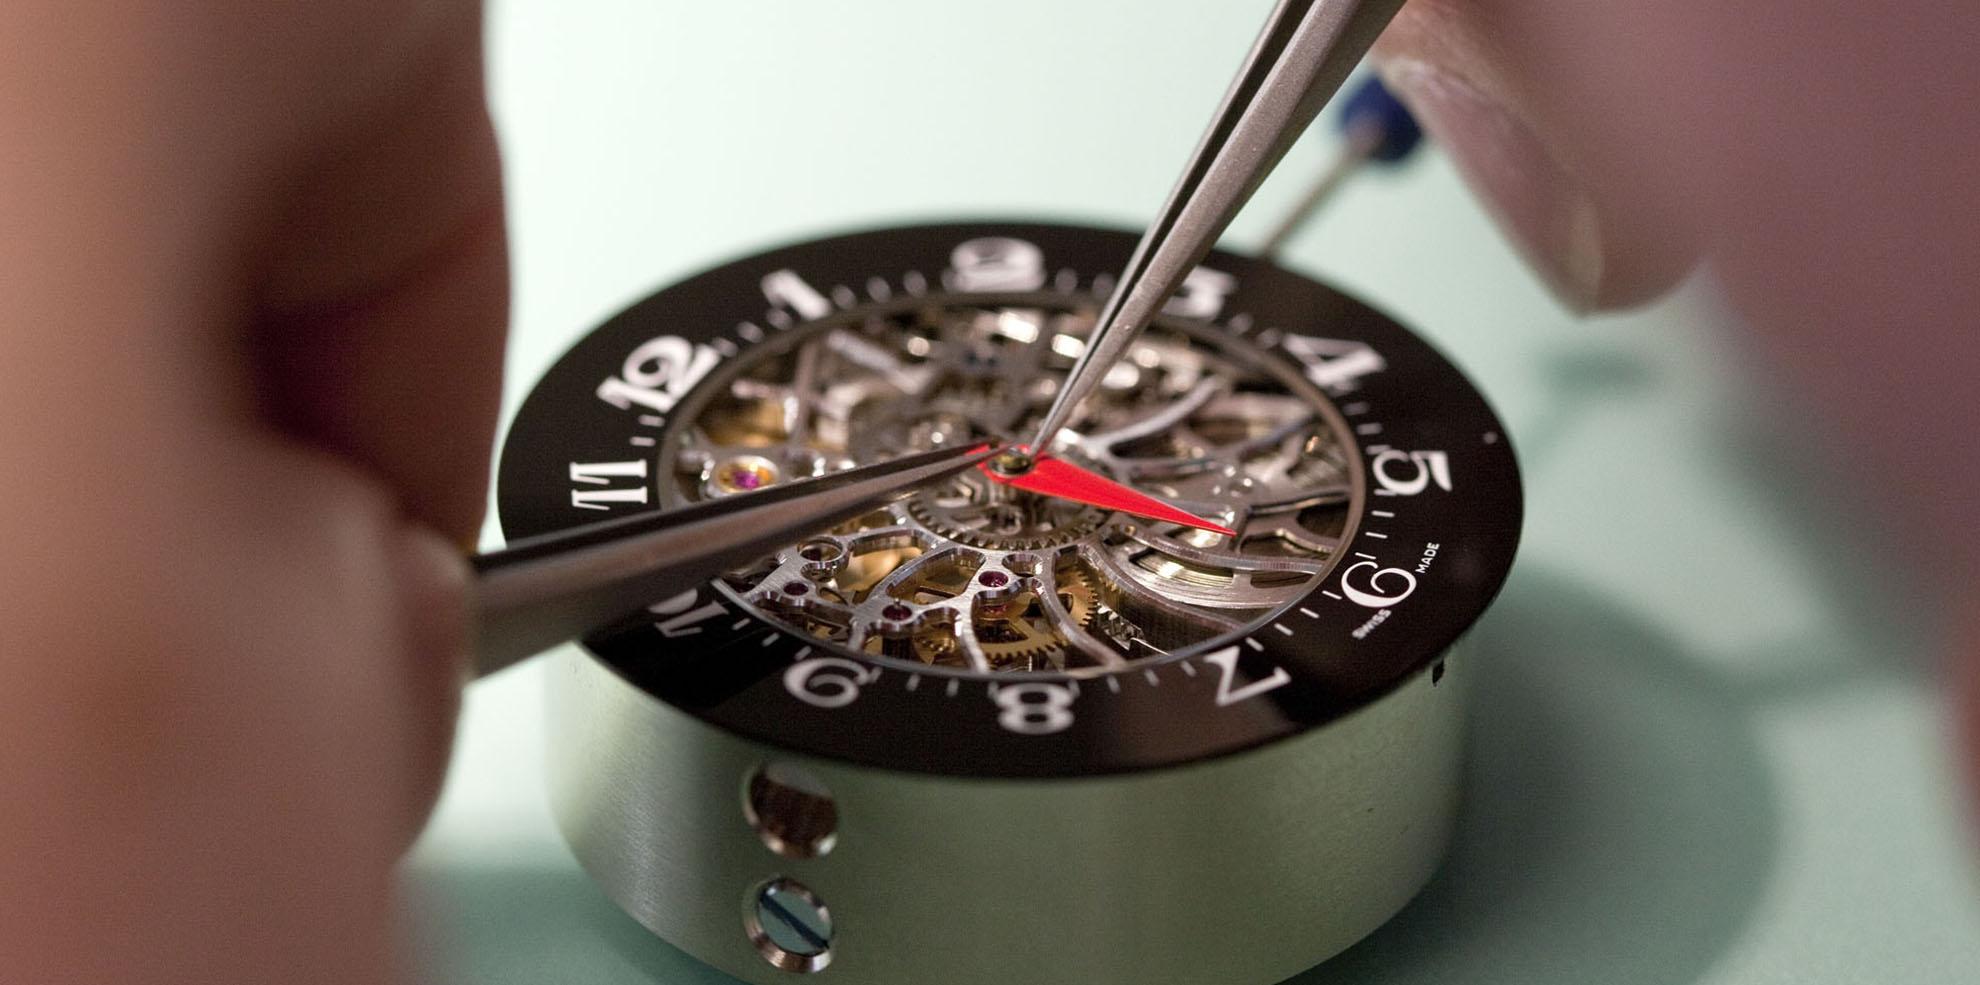 beaucoup à la mode gamme exceptionnelle de styles comment choisir Comment j'ai fabriqué ma montre en 8 heures